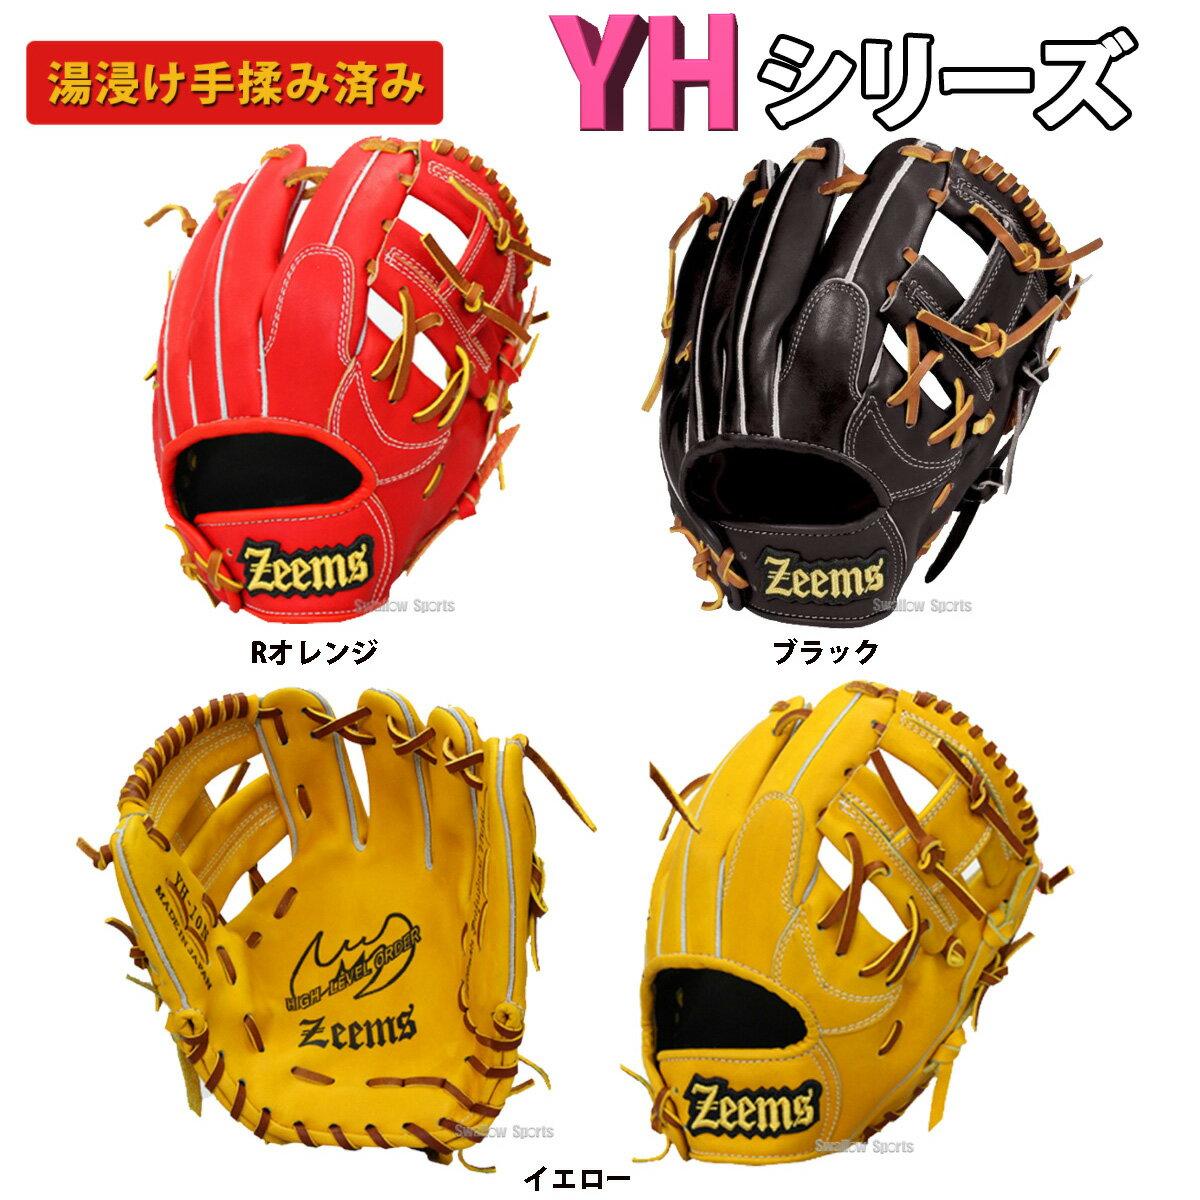 ジームス 軟式 YH グローブ グラブ (湯浸け手揉み済み) 内野手用 グローブ YH-10N Zeems 野球用品 スワロースポーツ